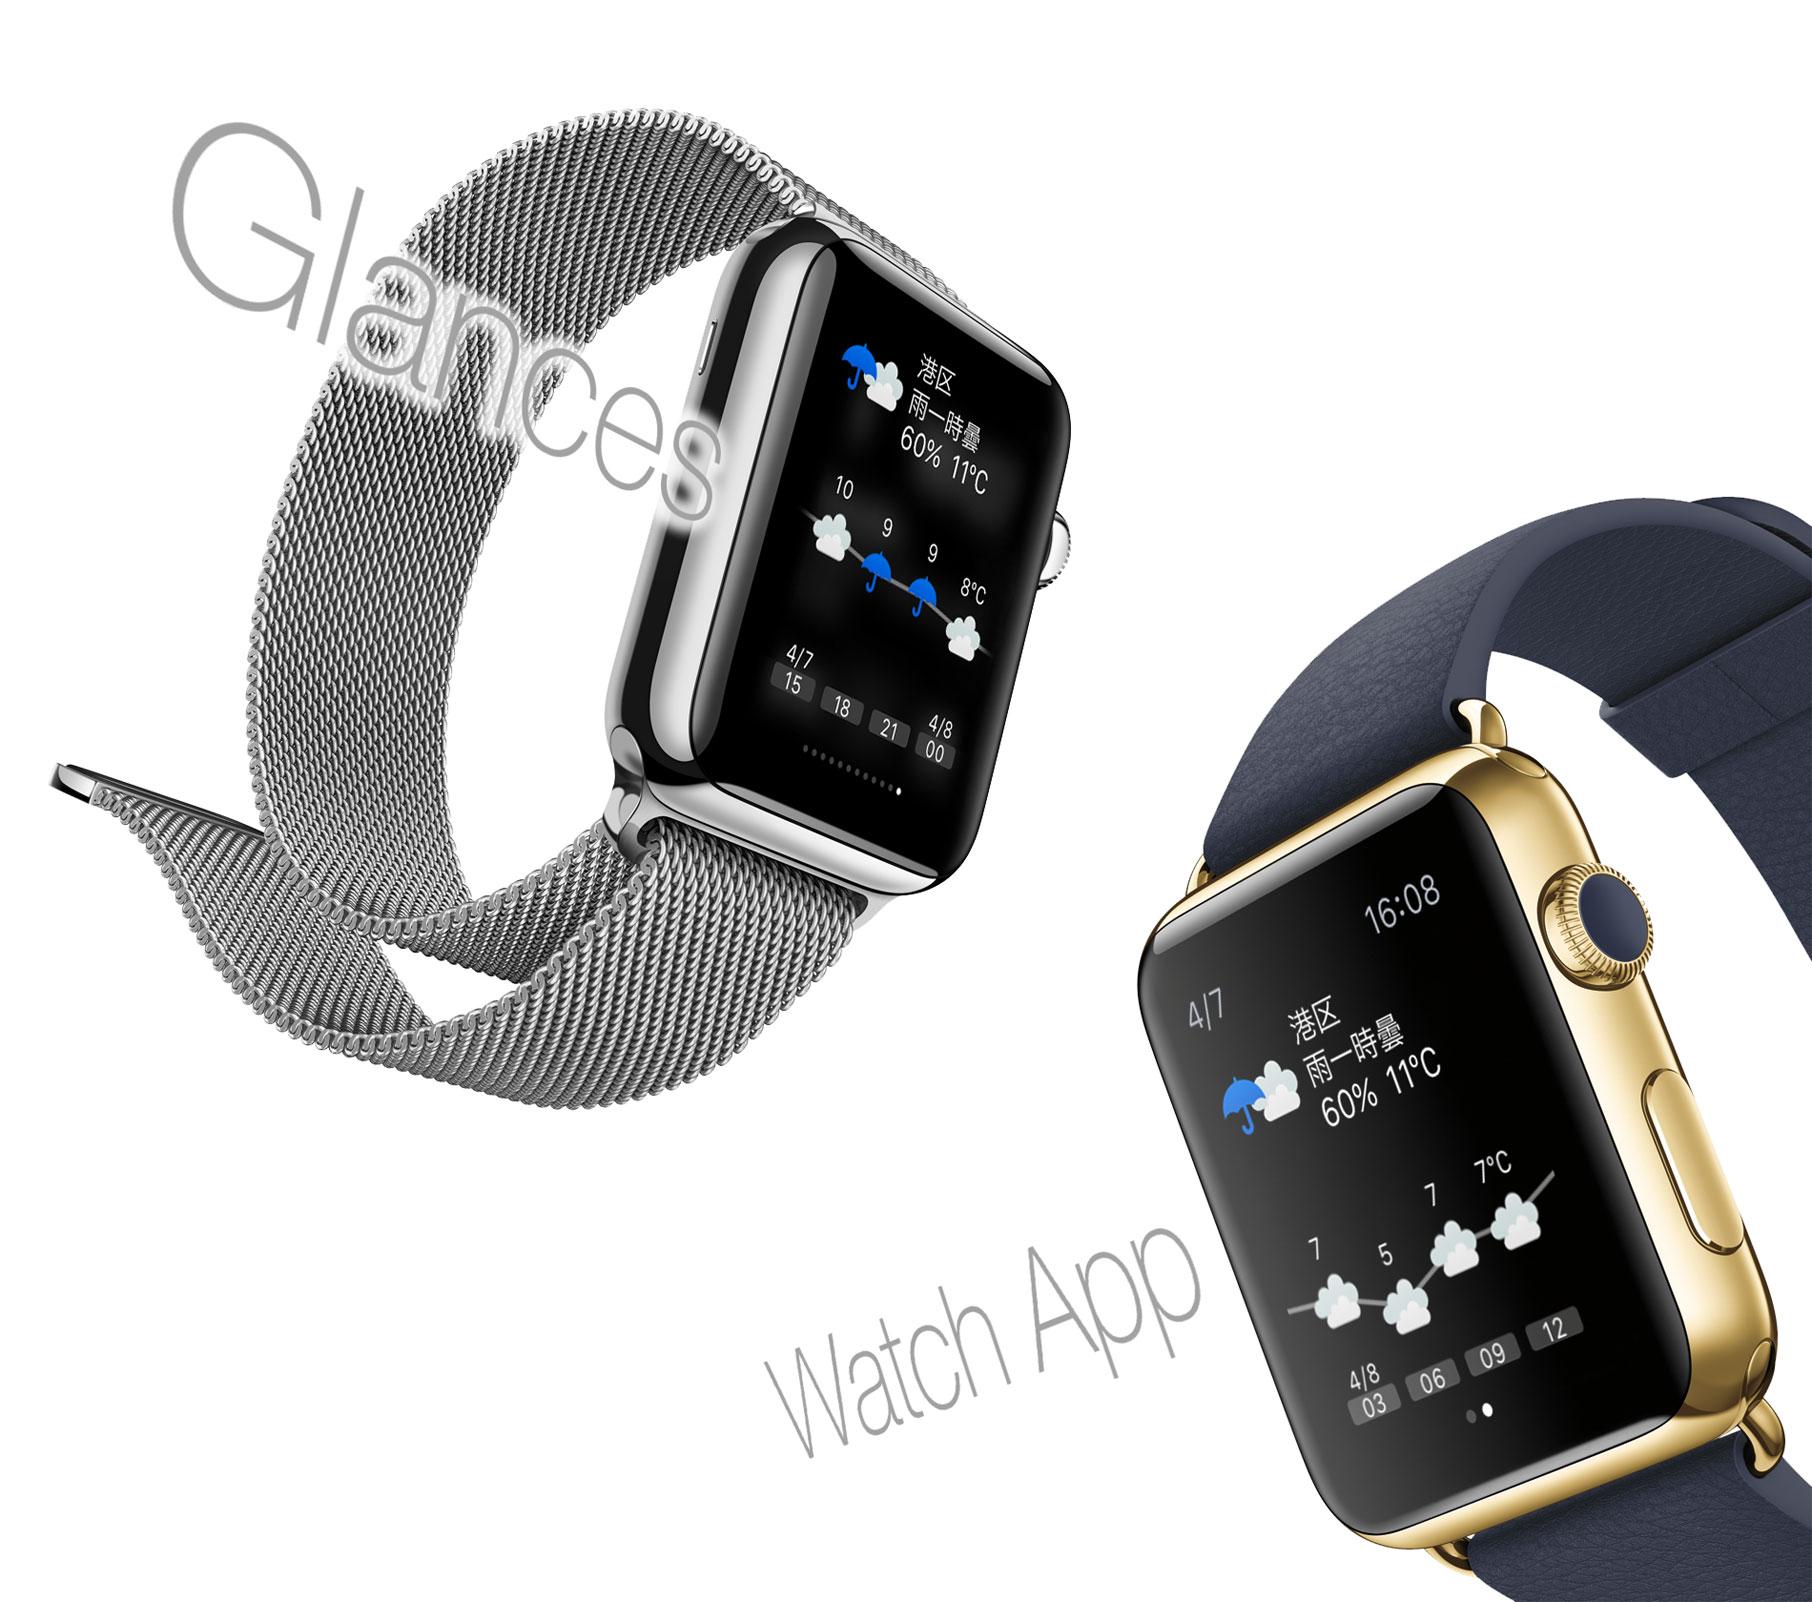 そら案内、Apple Watch対応版